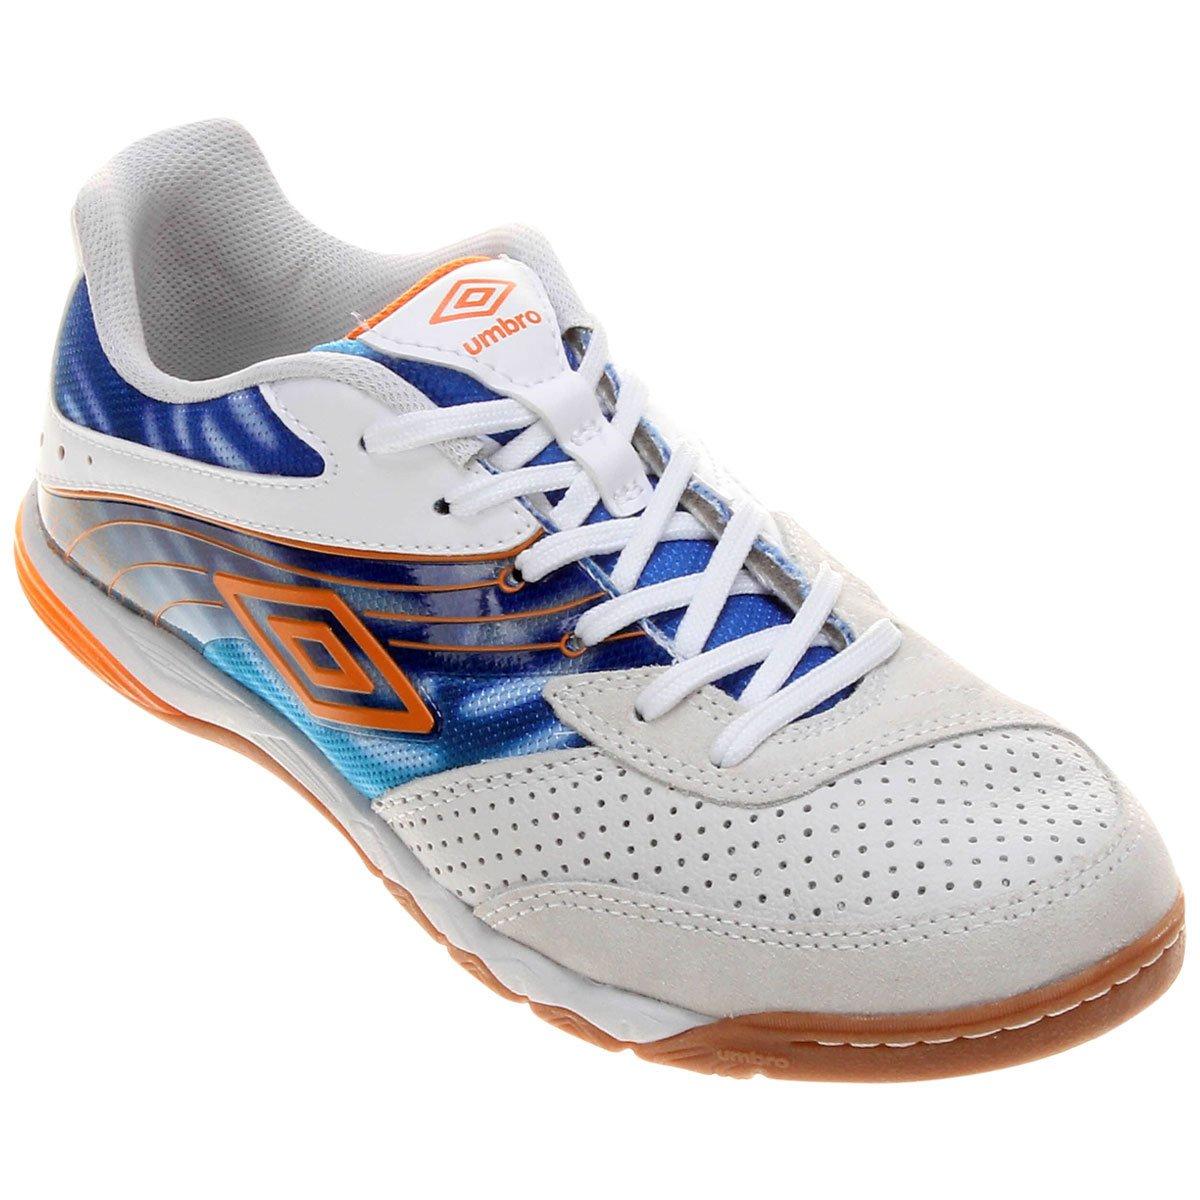 595c4f779086f Chuteira Umbro Falcão Pro Futsal - Compre Agora